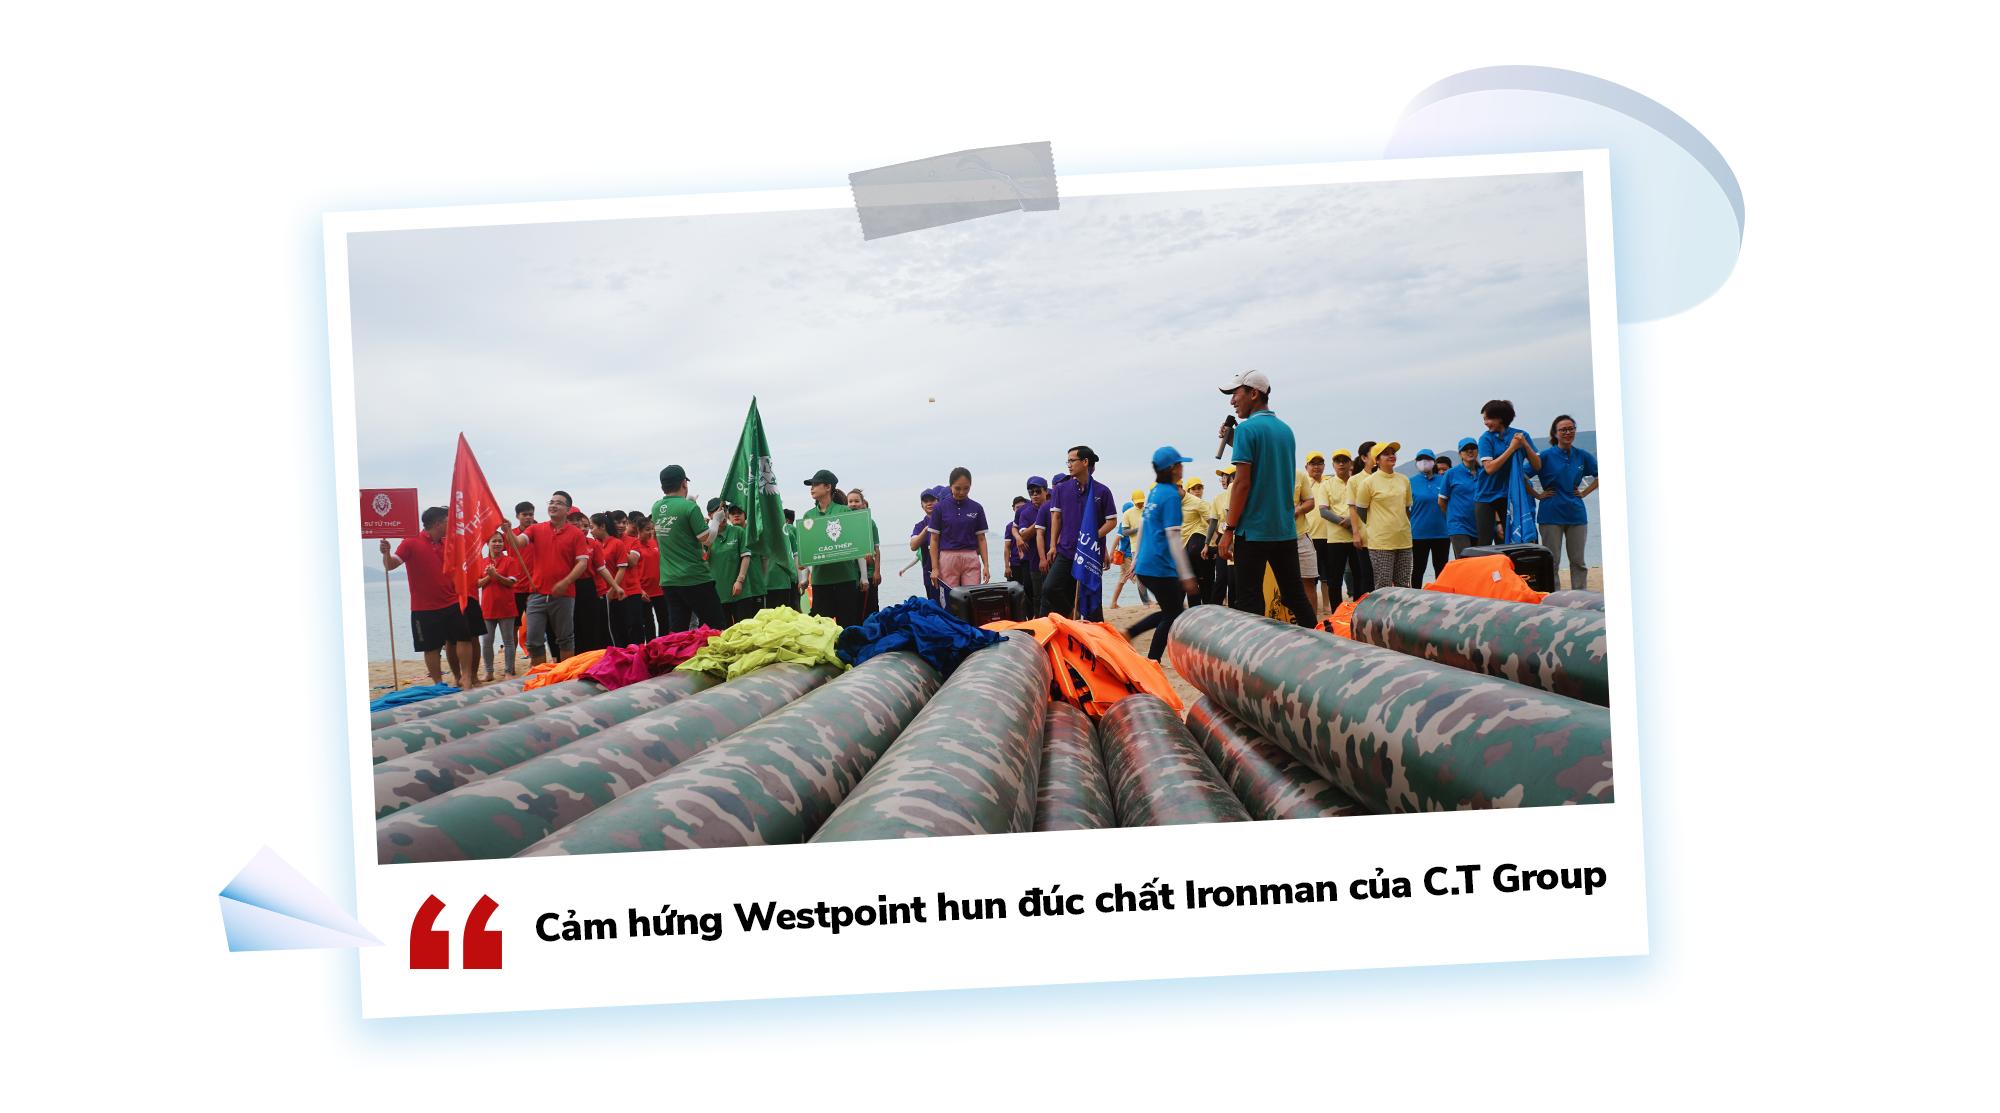 """Khám phá hành trình Caravan danh tiếng của C.T Group – Một đơn vị vừa được giải HR Asia Awards: """"Nơi làm việc tốt nhất Châu Á"""" - Ảnh 6."""